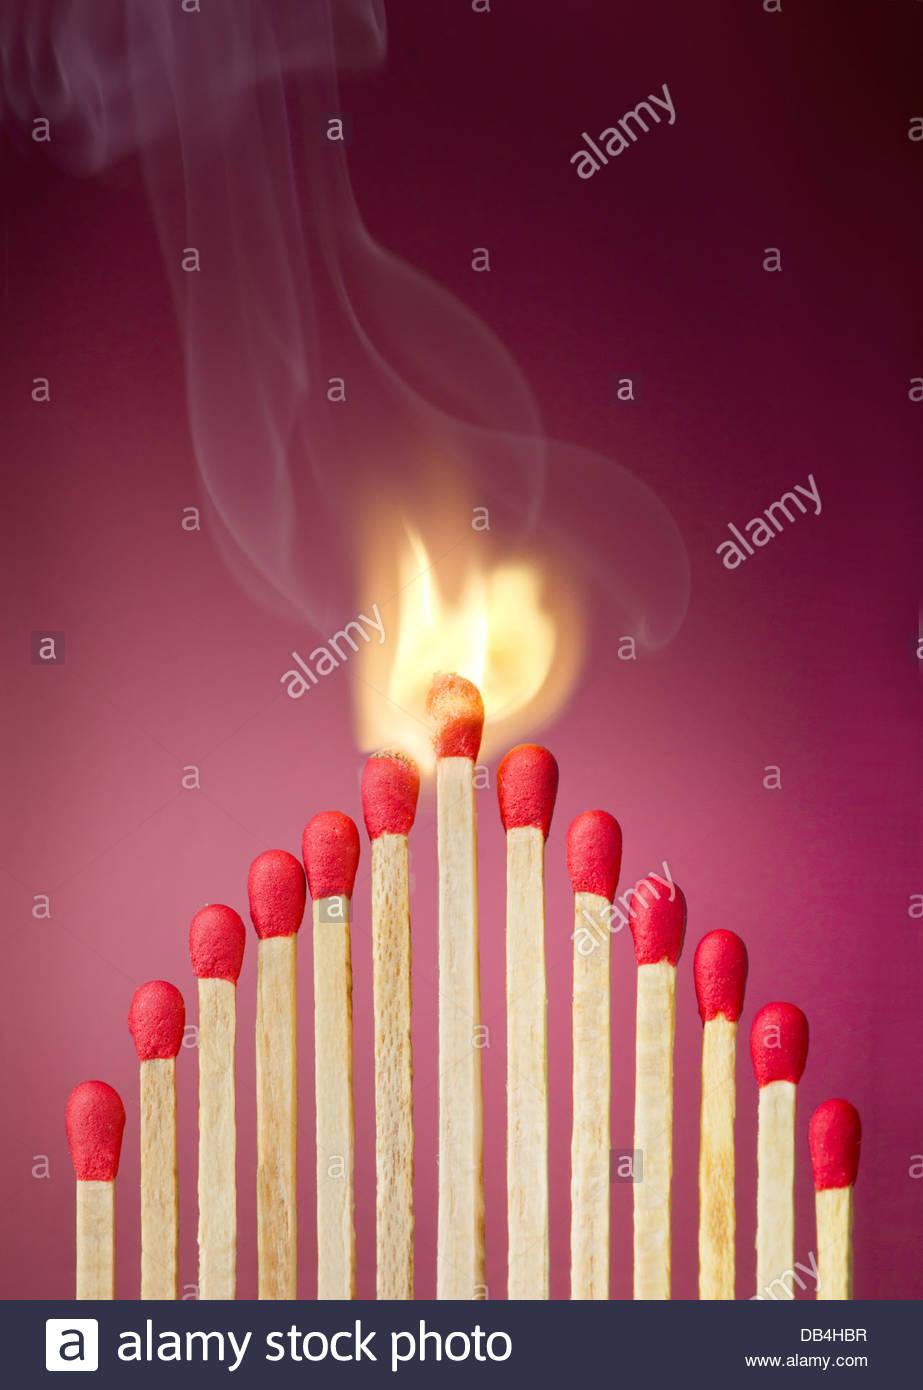 Cerilla ardiendo prendiendo fuego a sus vecinos, una metáfora de ideas e inspiración Imagen De Stock